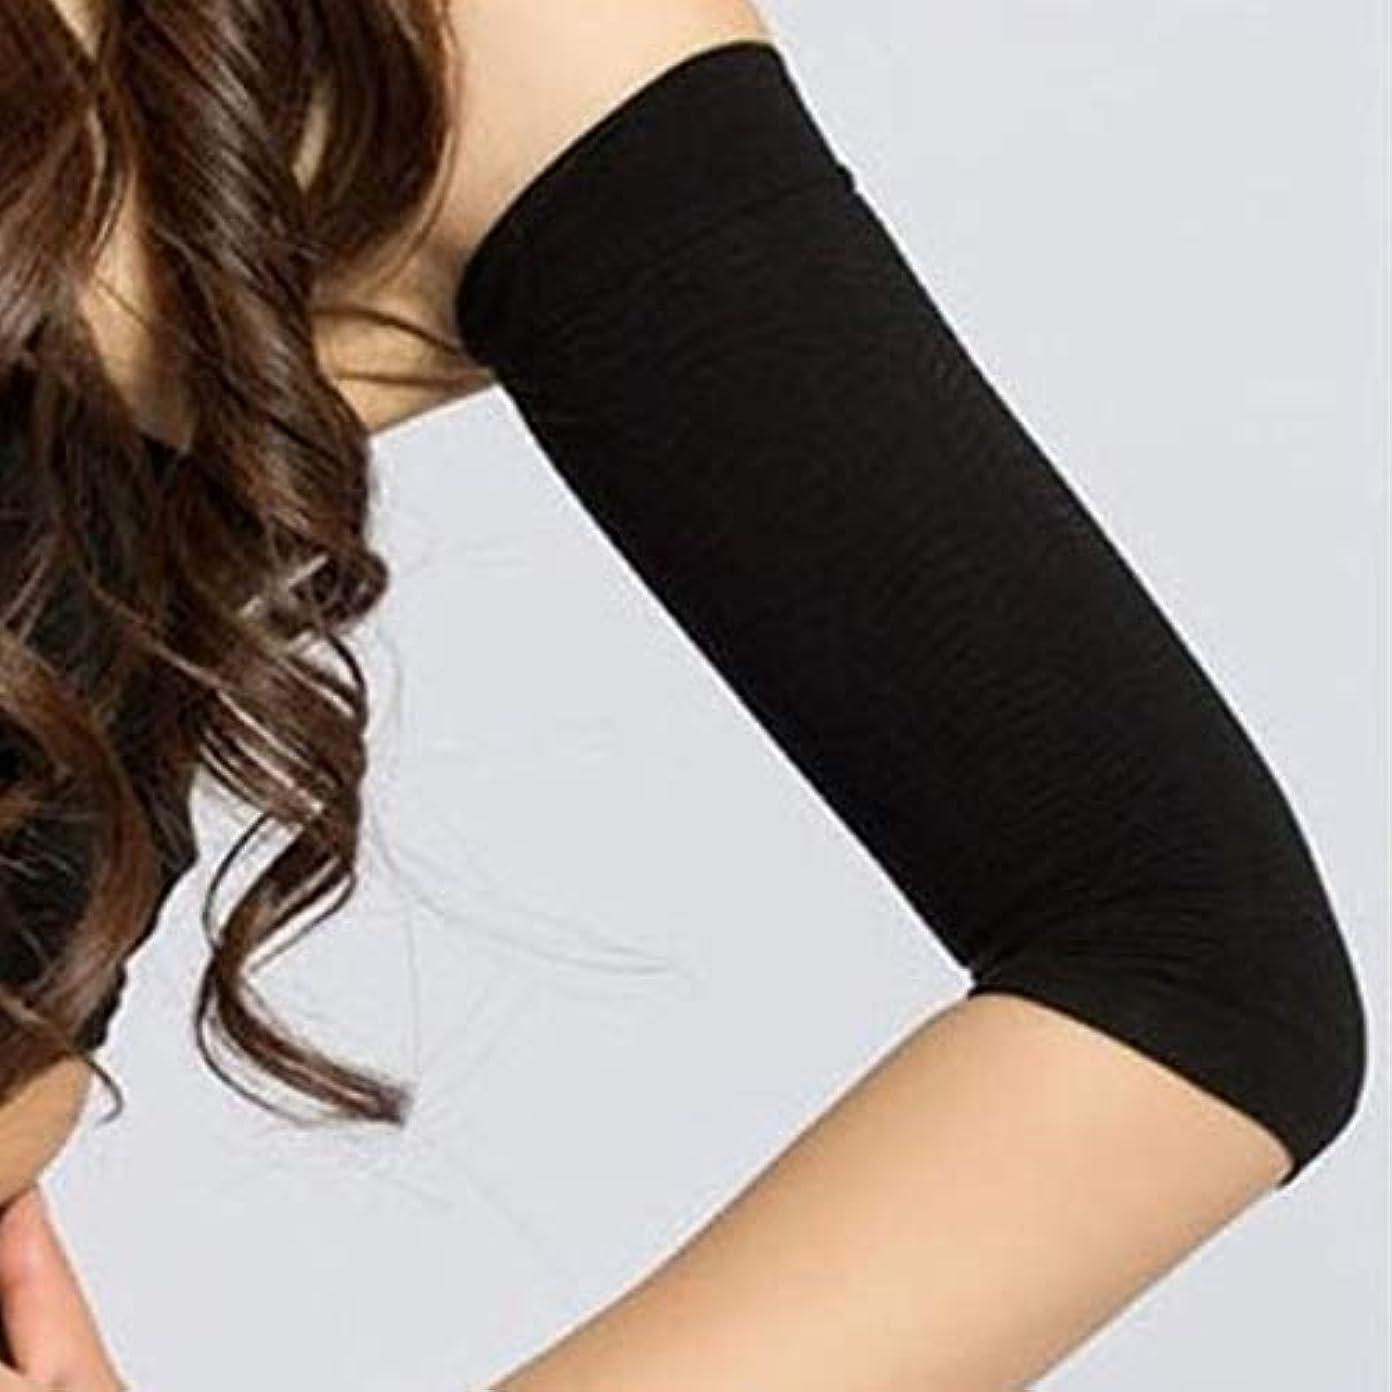 アブストラクト細菌裏切り者1ペア420 d圧縮痩身アームスリーブワークアウトトーニングバーンセルライトシェイパー脂肪燃焼袖用女性